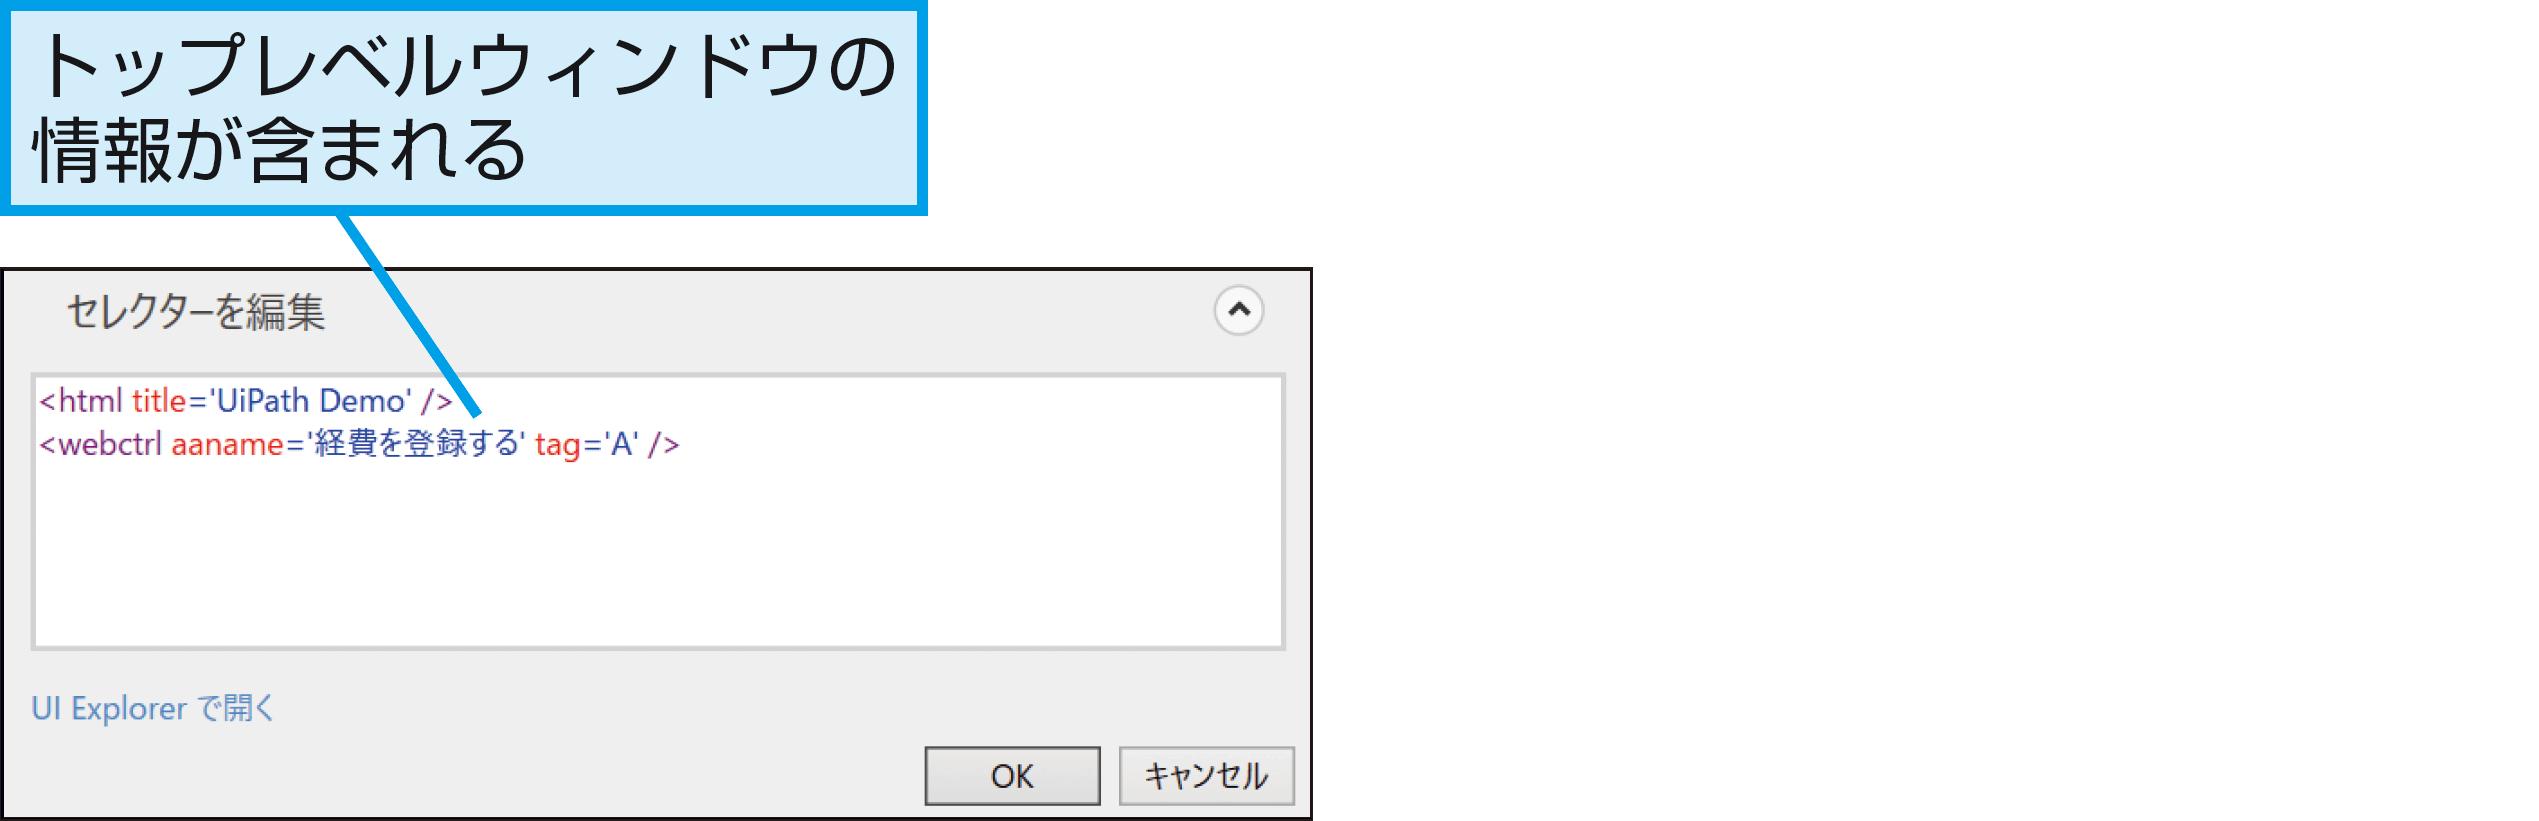 レコーディングした操作を編集するには(記録した操作の編集) - できるUiPath